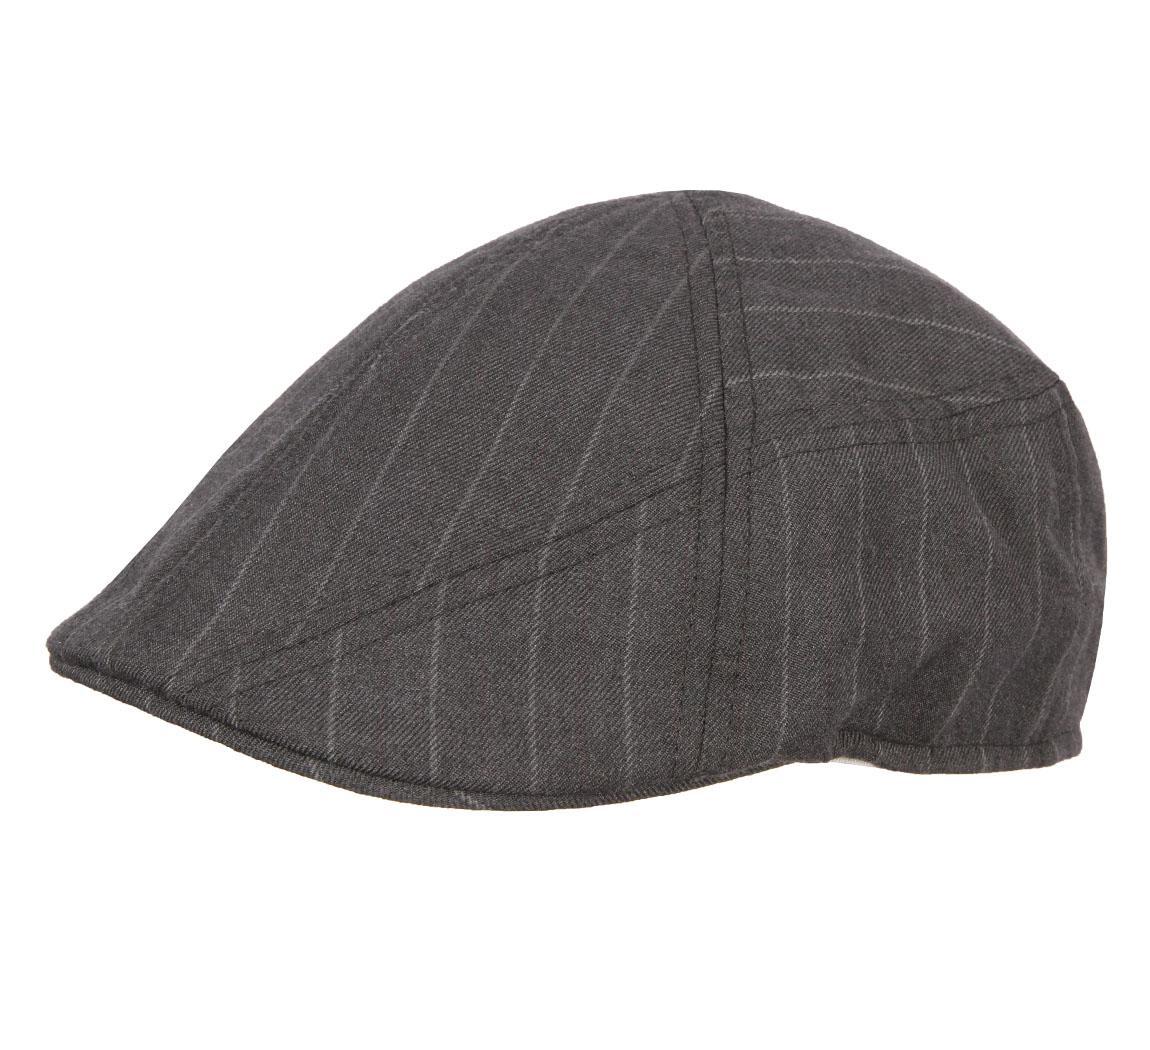 vente au royaume uni style classique de 2019 qualité casquette beret ,pull femme ralph lauren ,ralph lauren polo ...